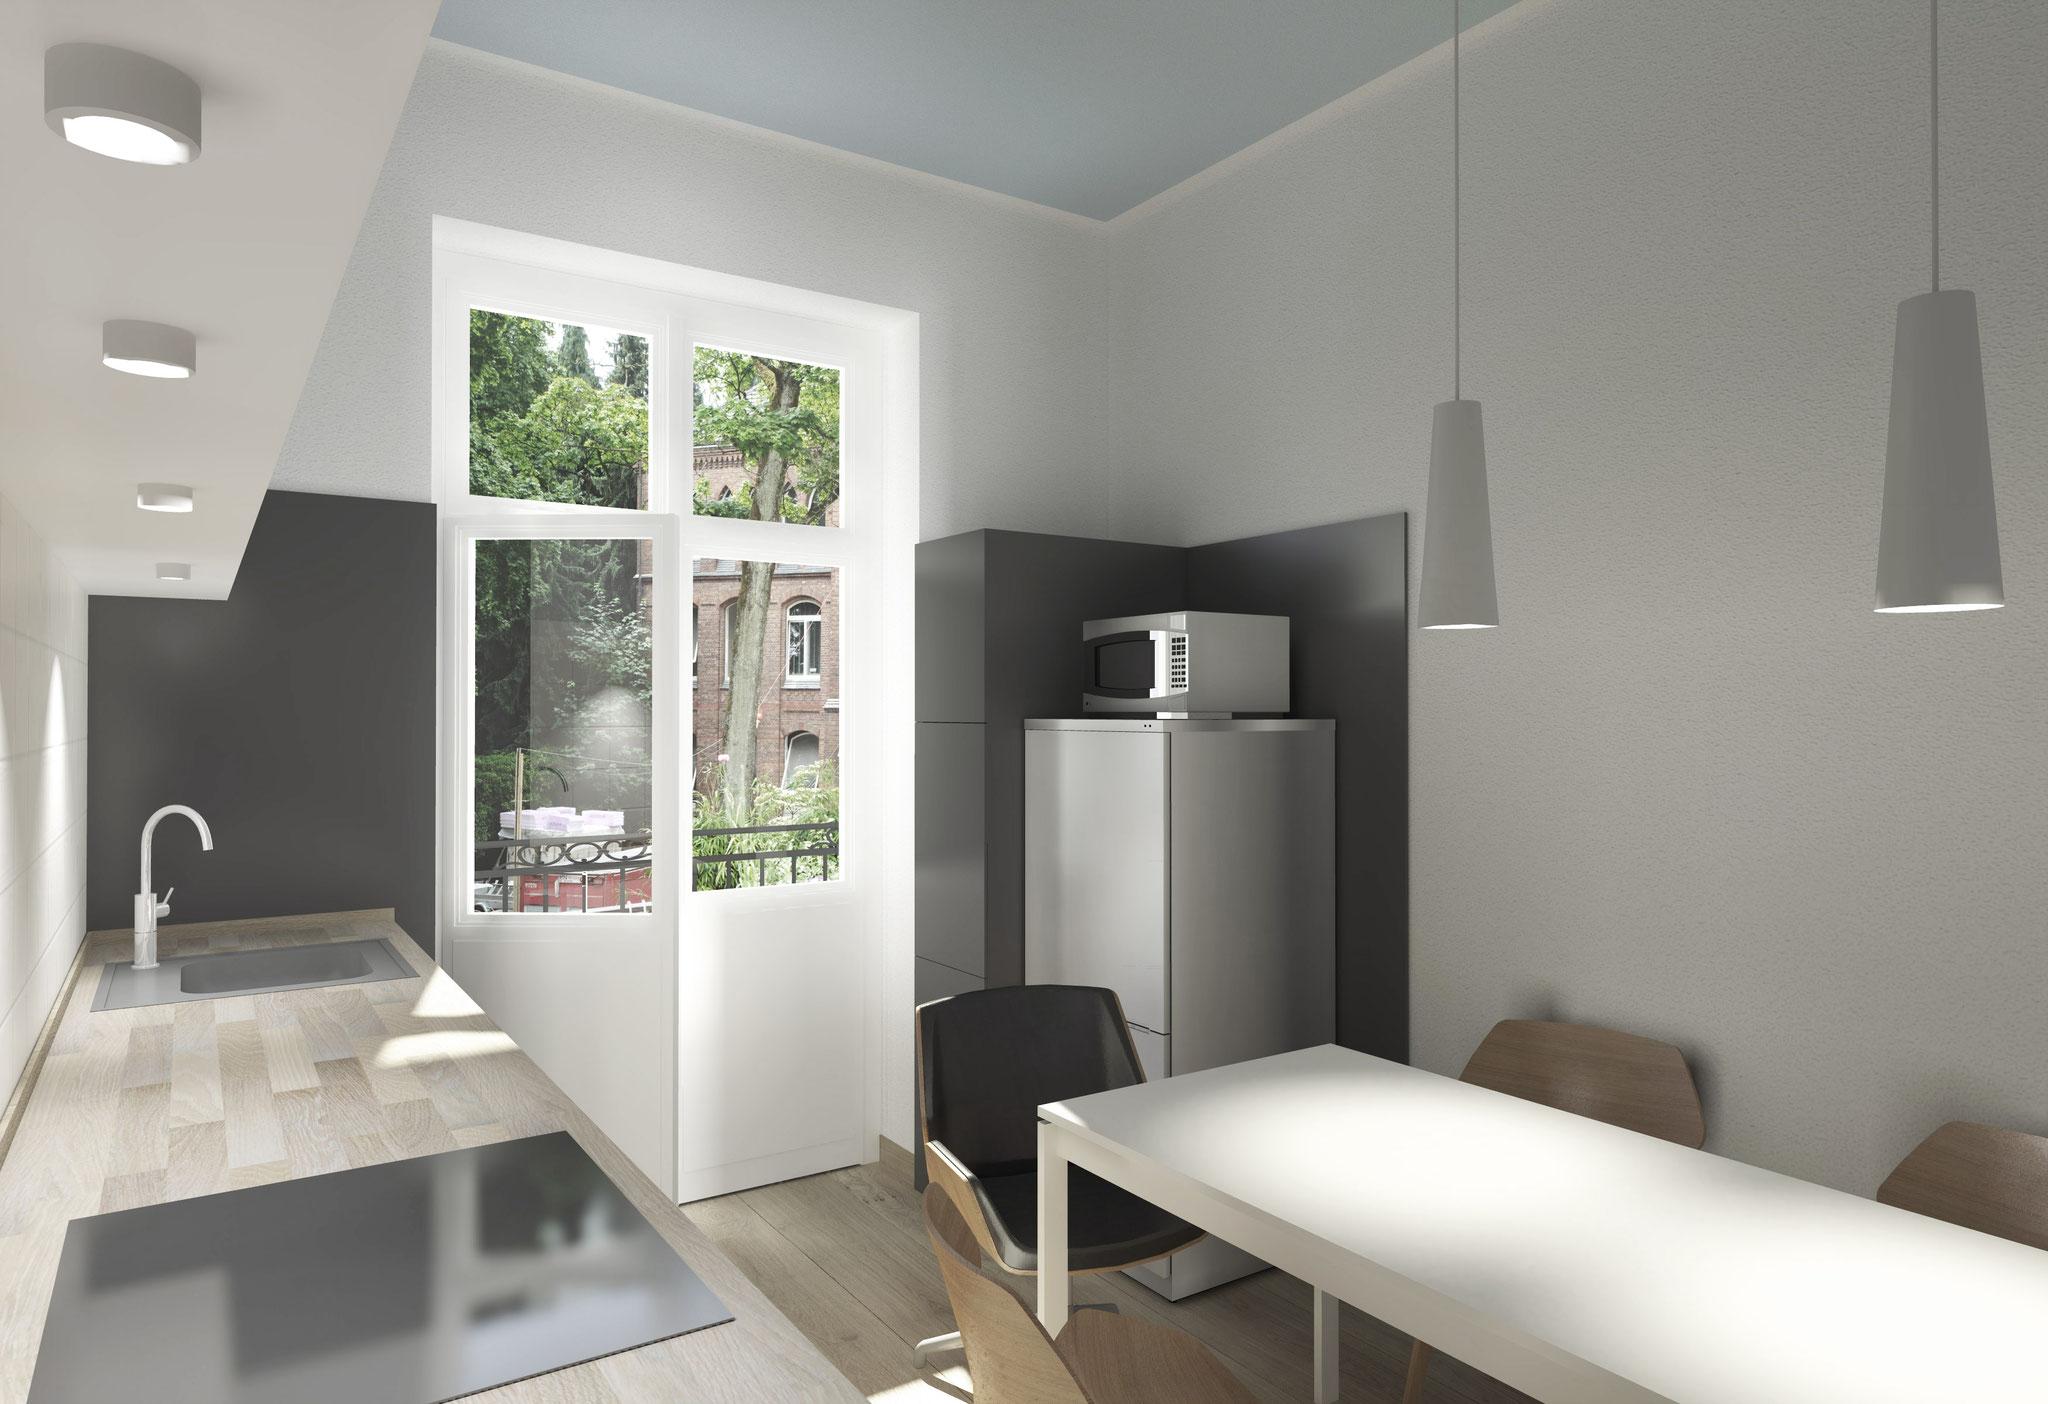 Entwurf eines Einbaumöbels in einer Wohnküche - nachher